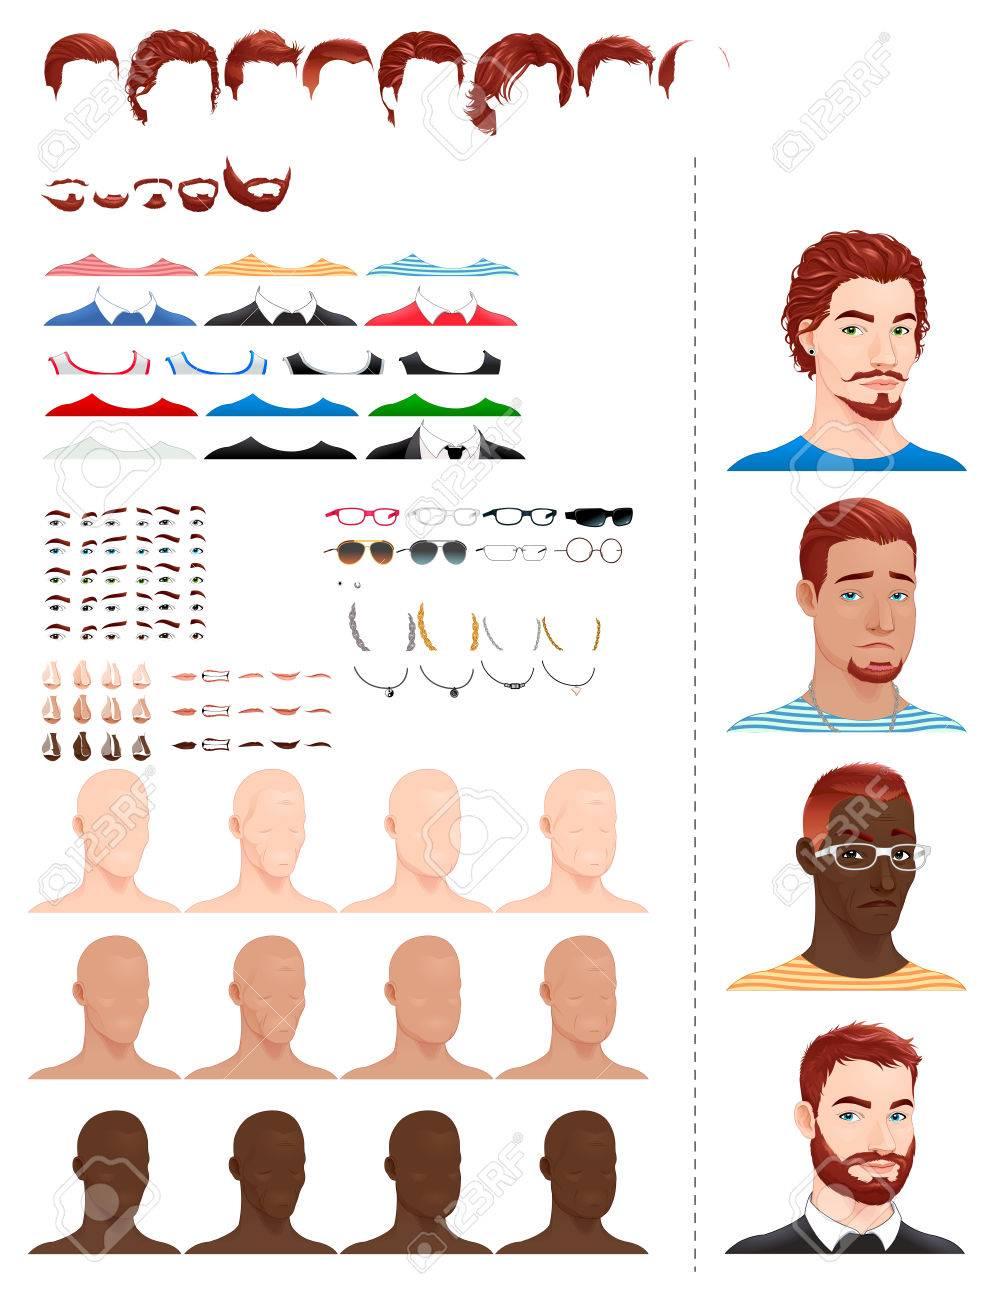 Männliche Avatare 8 Frisuren 5 Bärte 3 Augen In 5 Farben